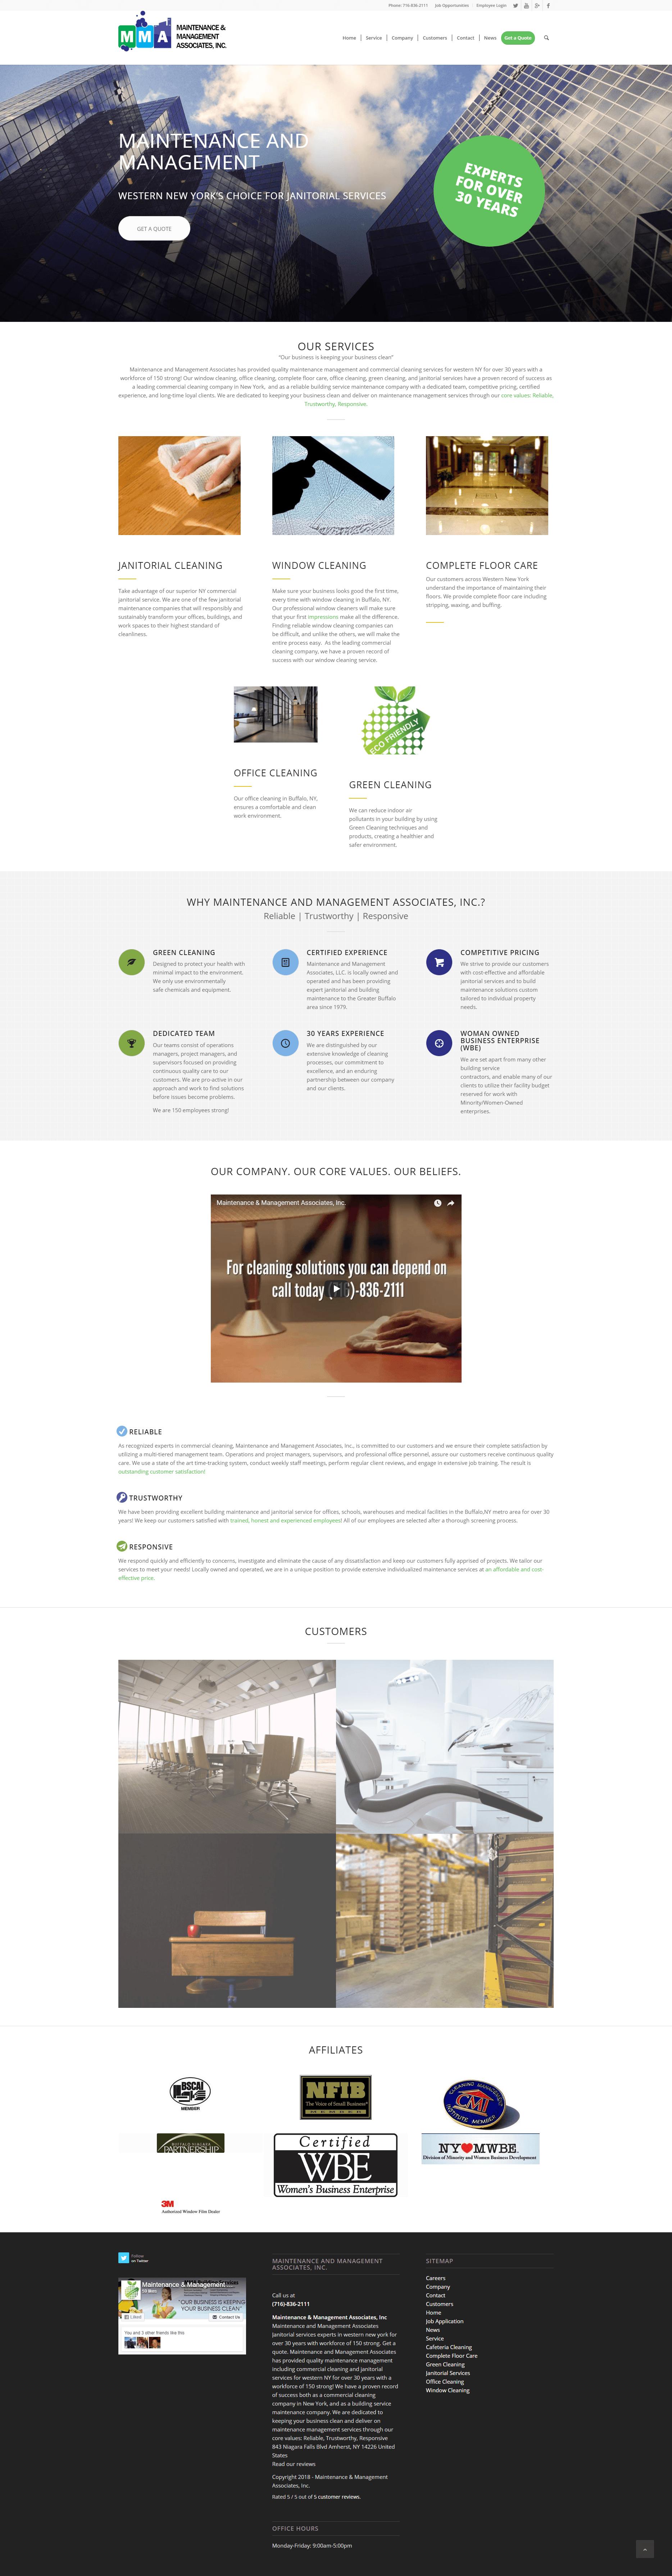 website-screenshot-compressor.png